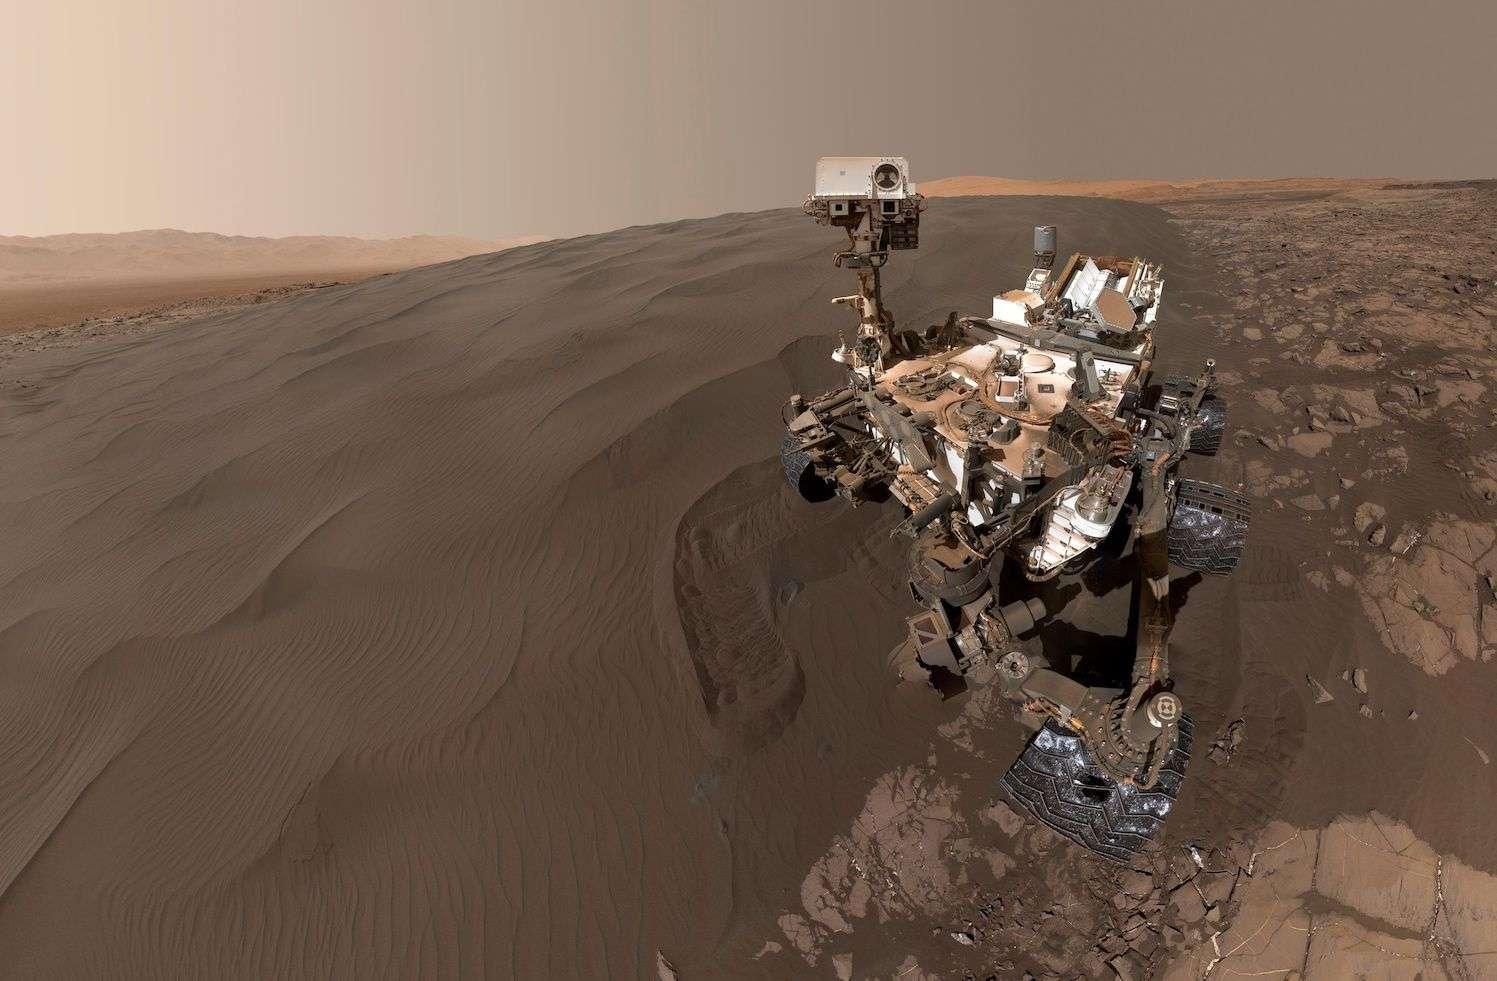 Le dernier selfie de Curiosity. Le rover pose devant le front de la dune de Namib. Cette image mosaïque a été prise le 19 janvier 2016. © Nasa, JPL-Caltech, MSSS